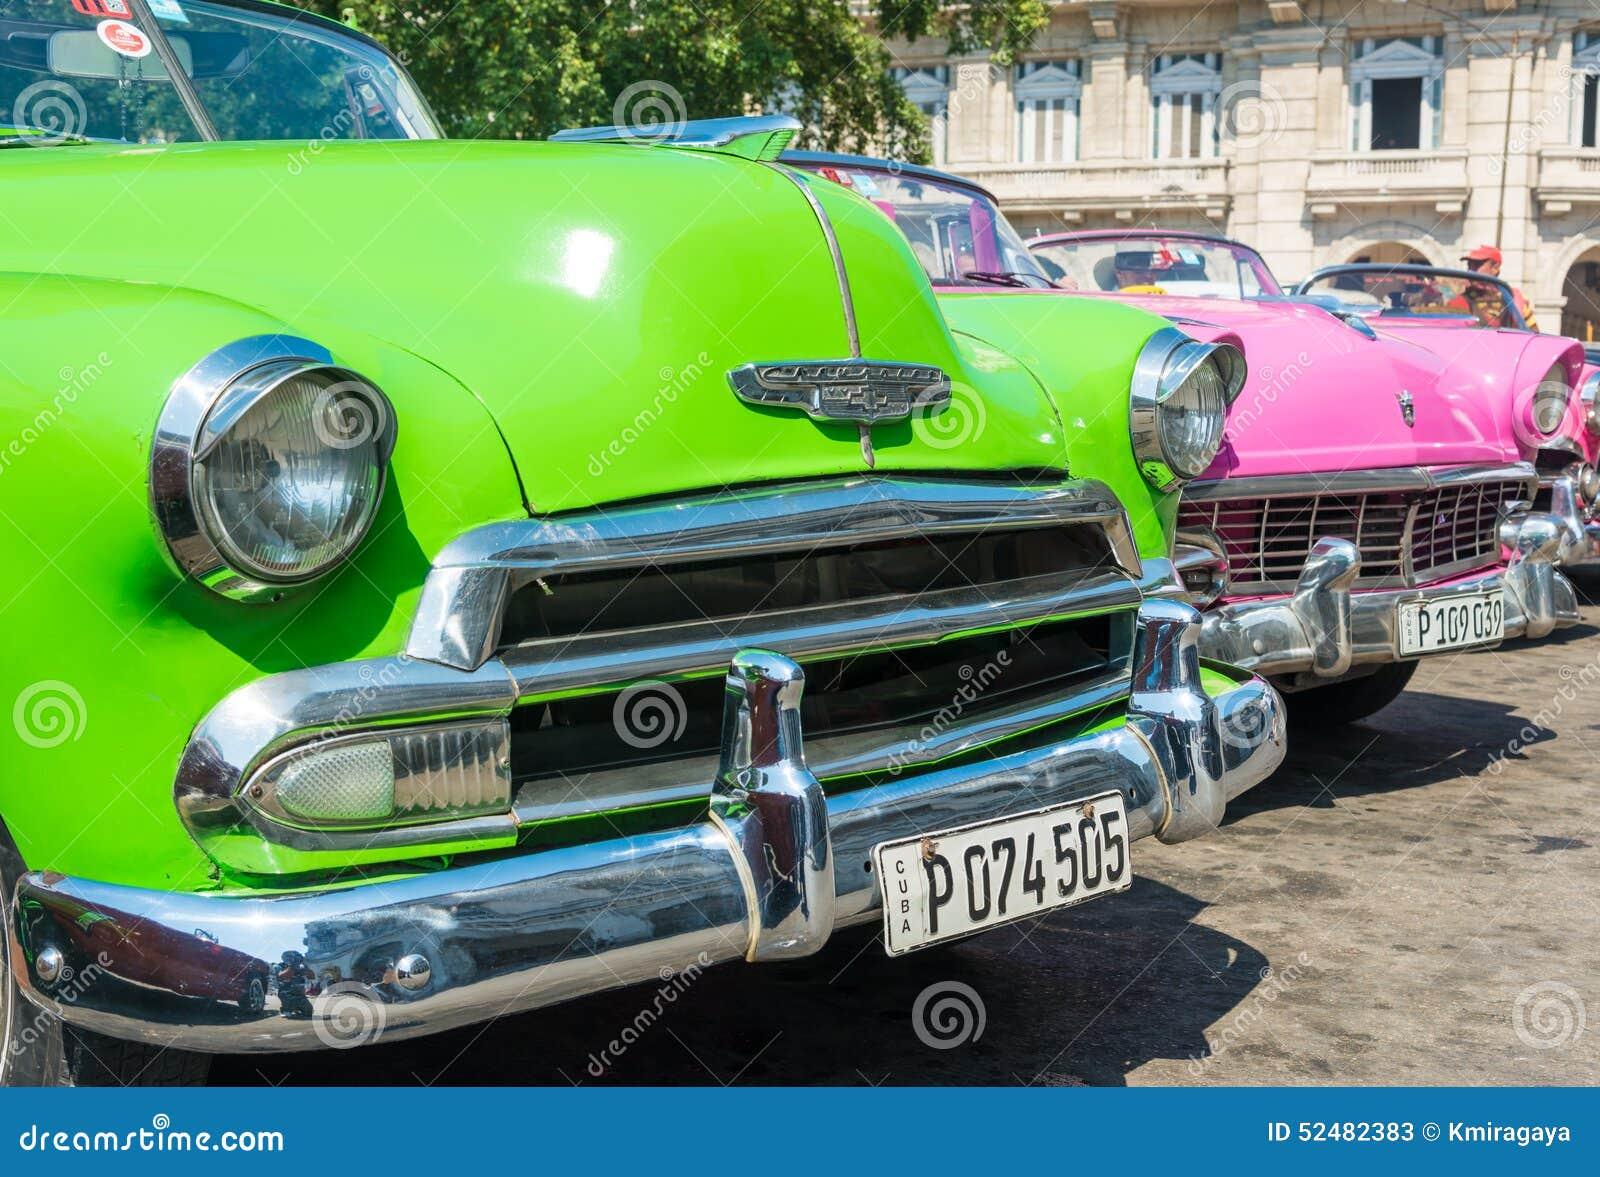 voitures am ricaines classiques color es la havane photo stock ditorial image du graphisme. Black Bedroom Furniture Sets. Home Design Ideas